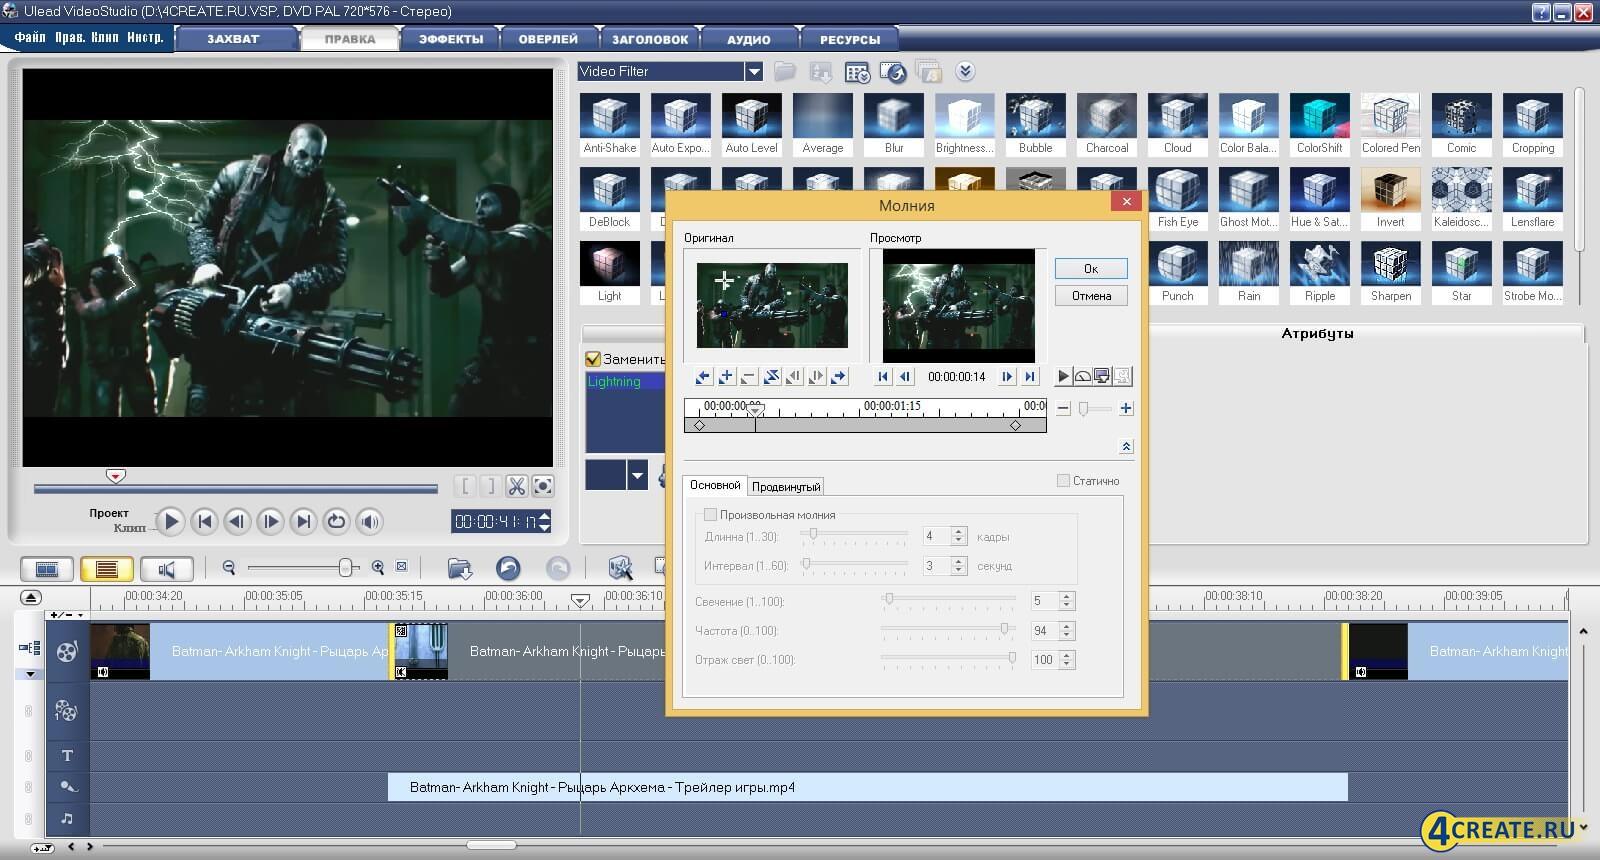 Ulead videostudio 10 на русском через торрент